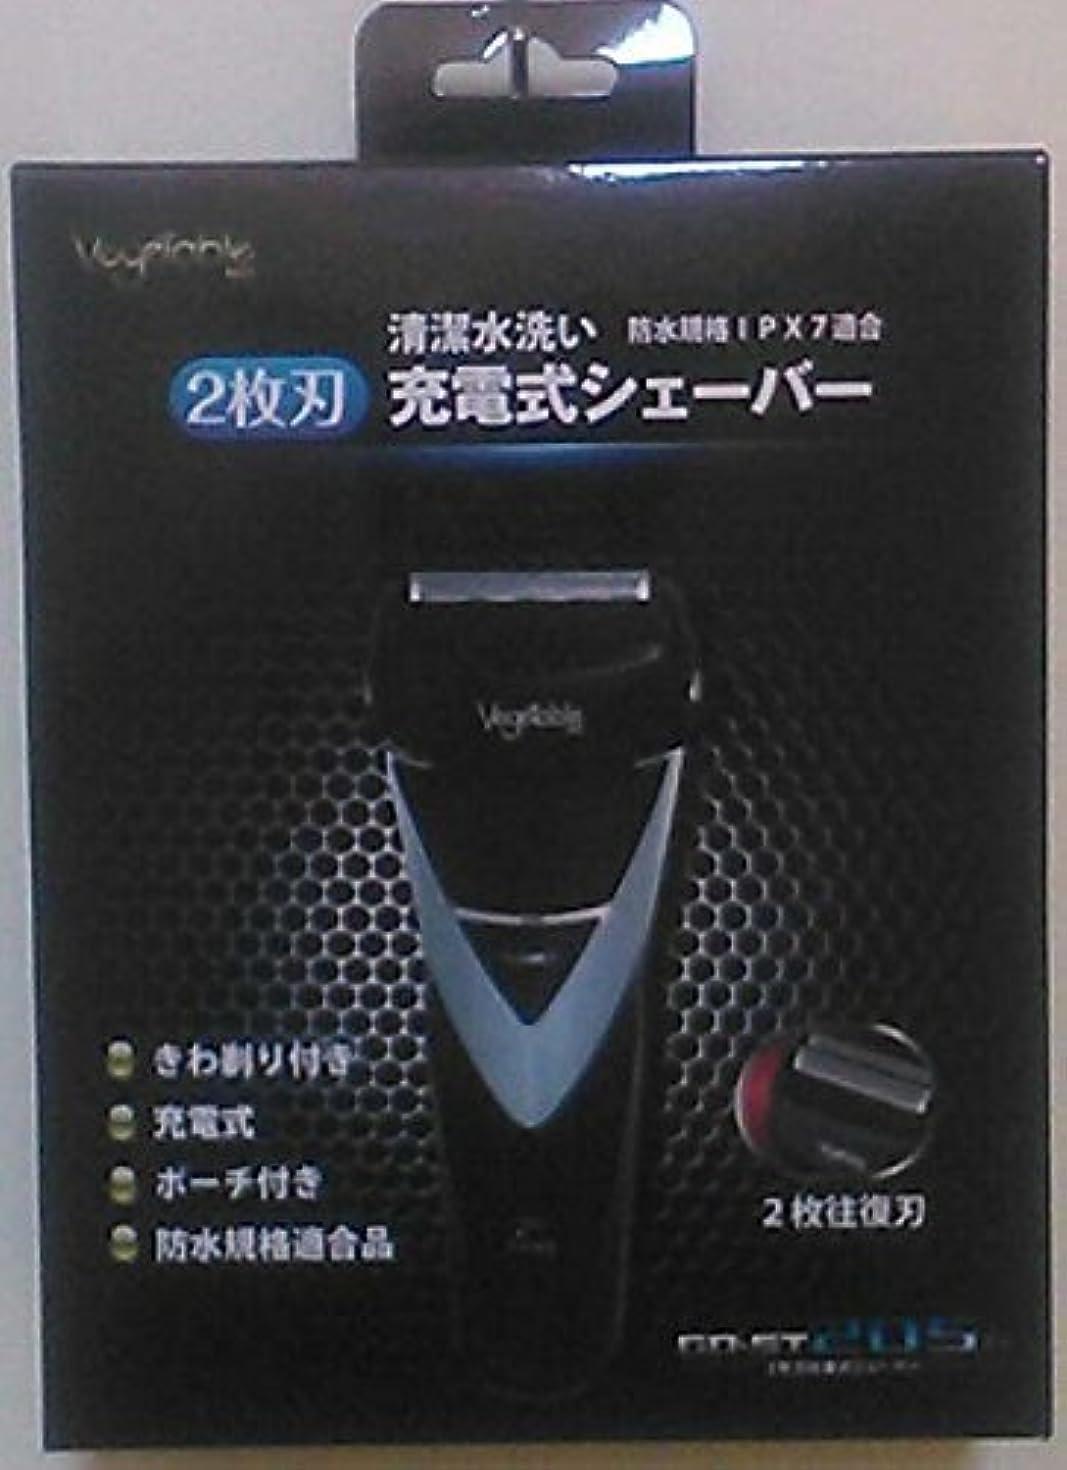 警官振幅師匠GD商事 充電式水洗い2枚刃シェーバー GD-ST205B ブラック